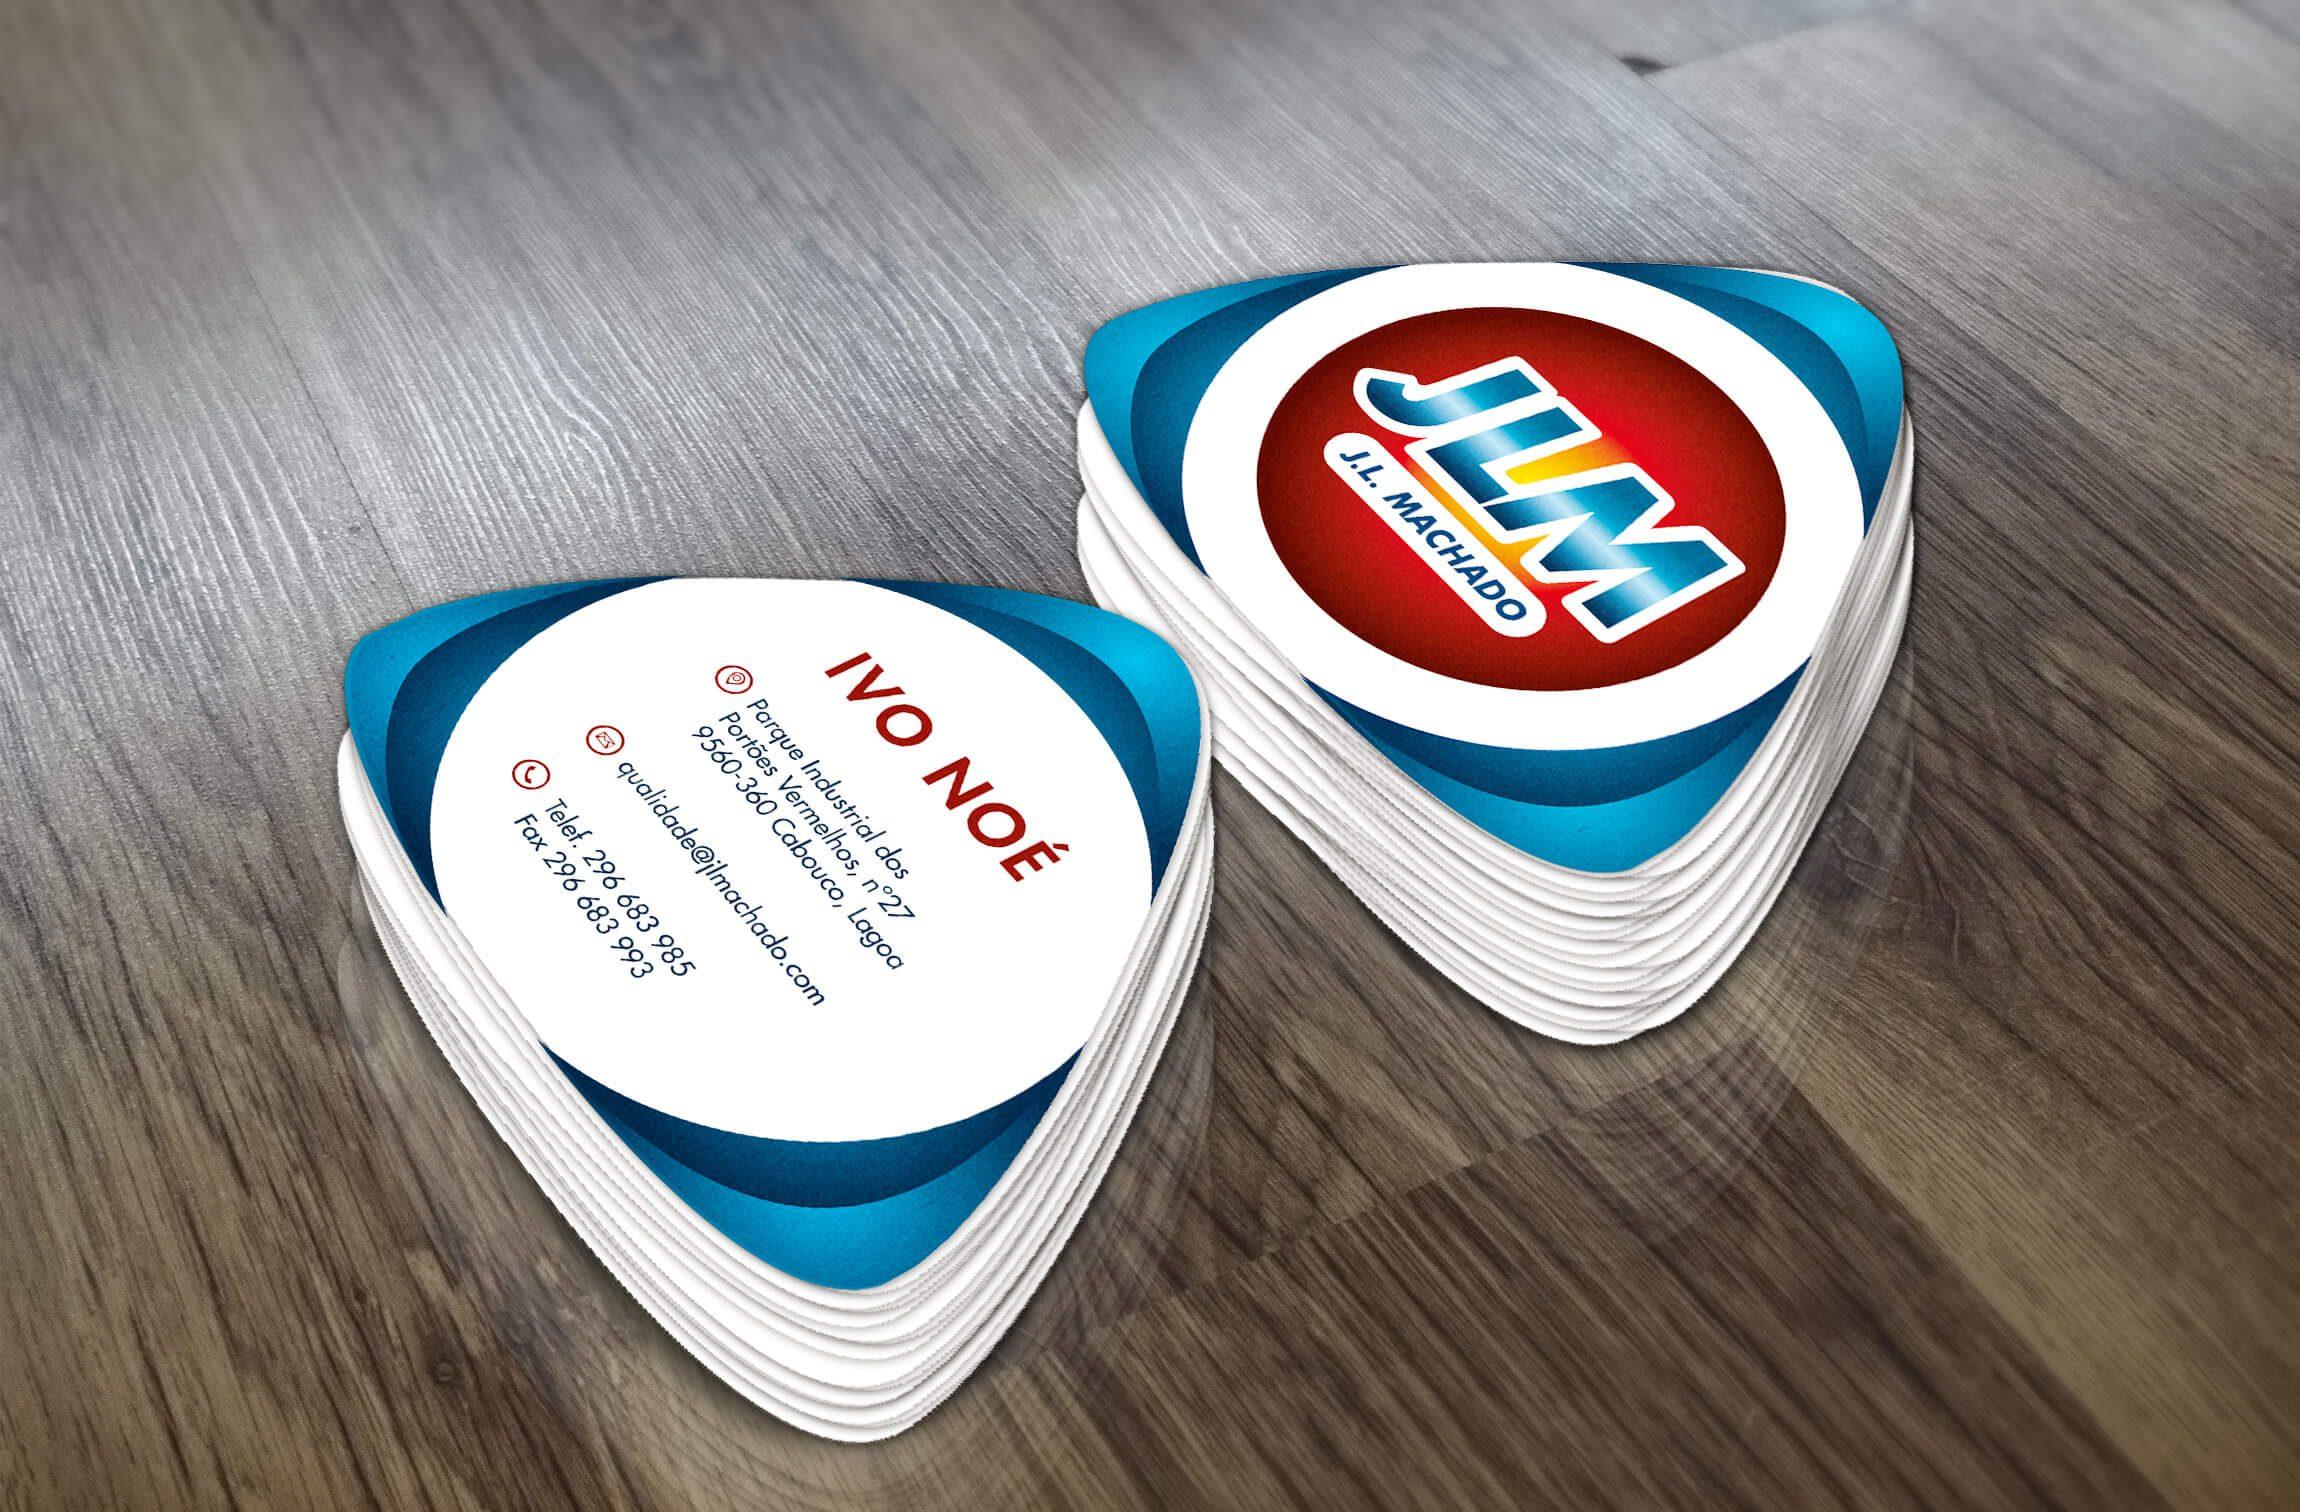 jlm-card-mock-up